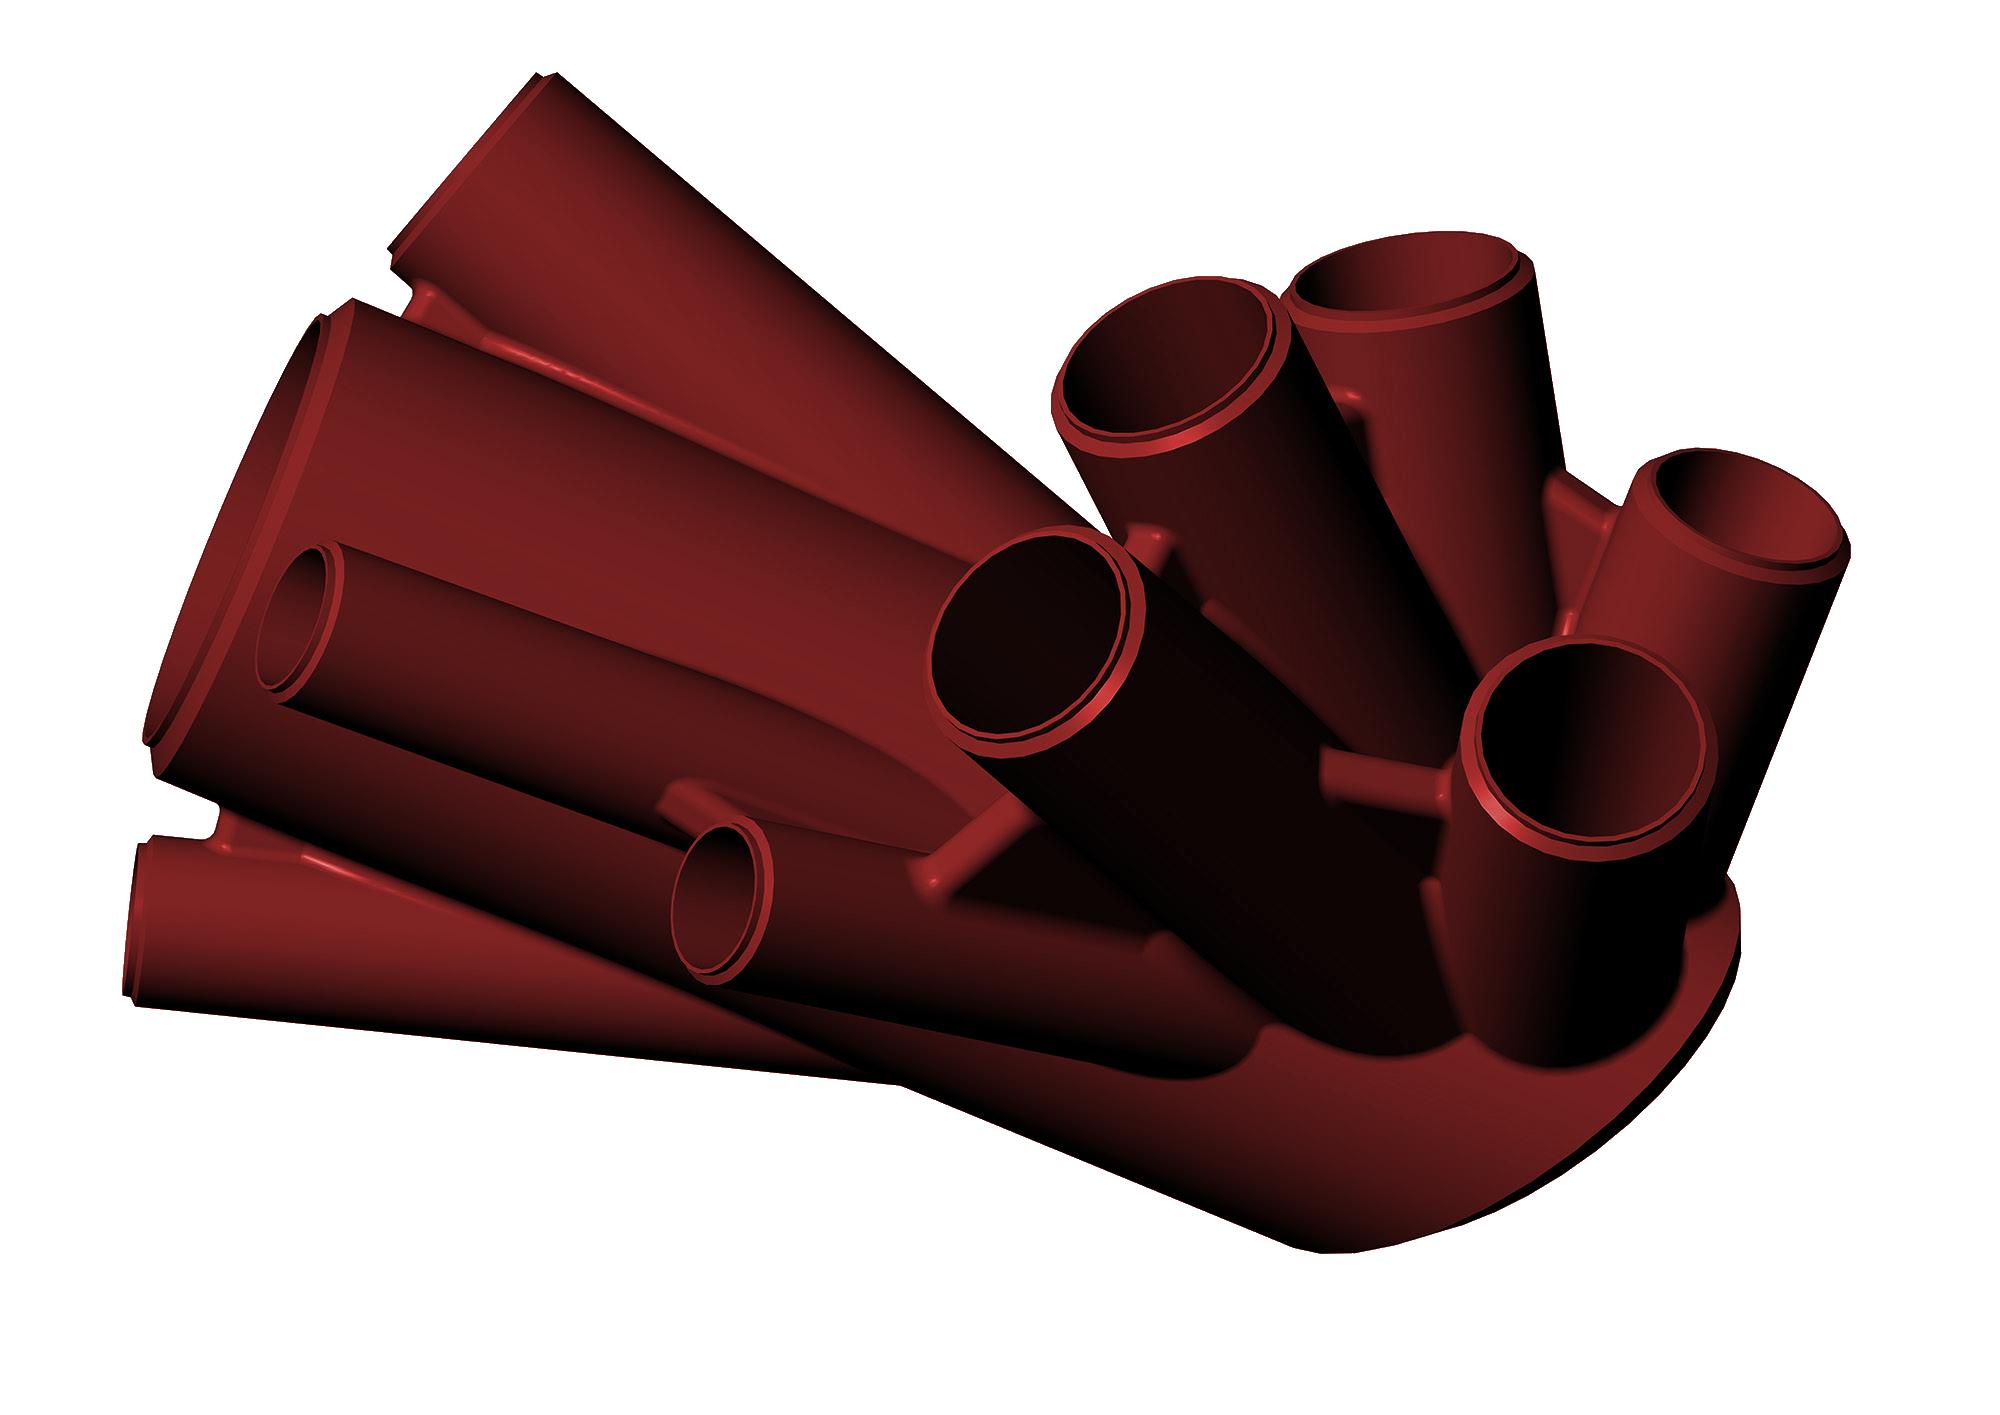 大型铸钢厂 铸钢节点 铸钢件 铸钢节点厂家